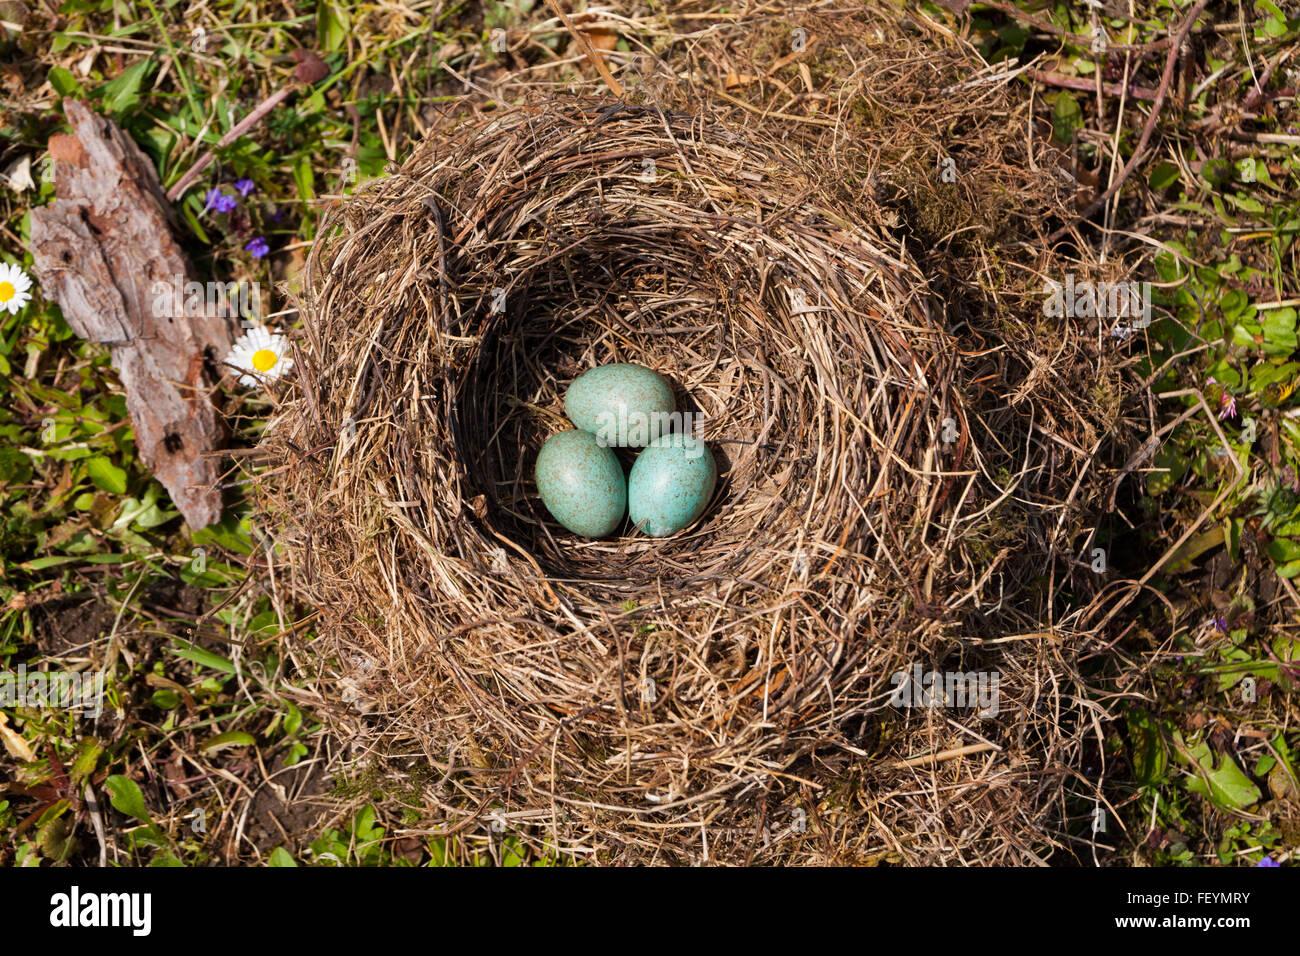 Turkisfarbenes Vogelei Stockfotos Turkisfarbenes Vogelei Bilder